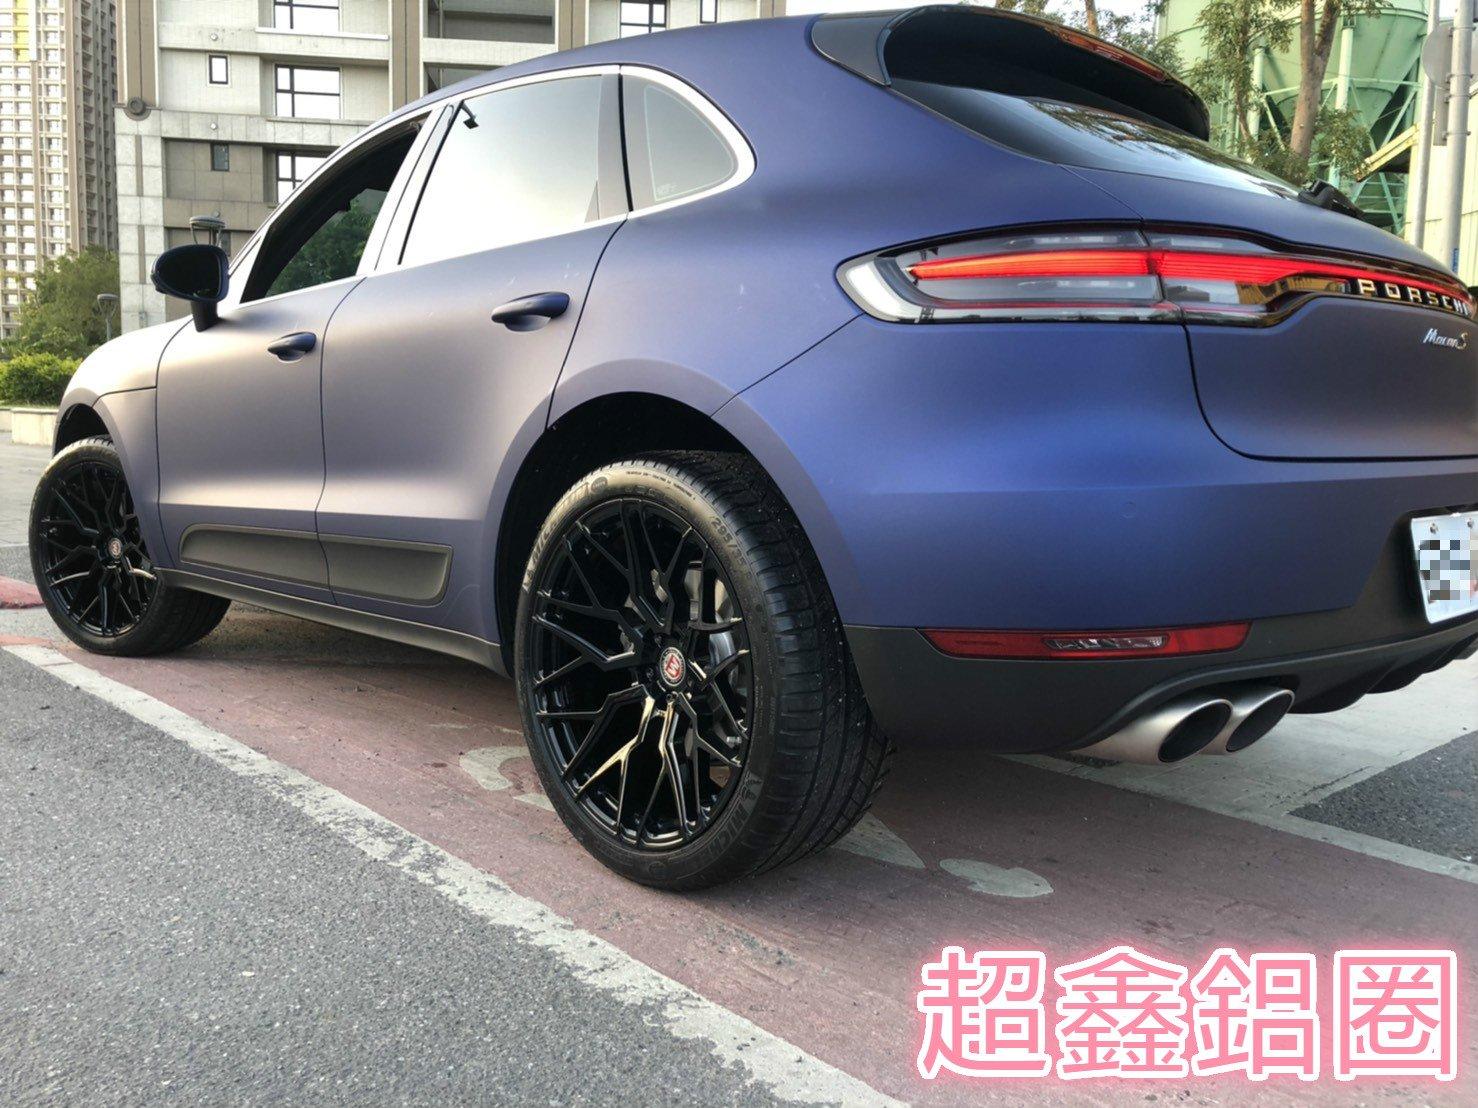 超鑫鋁圈 BC WHEEL KL31 單片鍛造客制鋁圈 21吋鋁圈 亮黑 Porsche Macan S 實裝圖